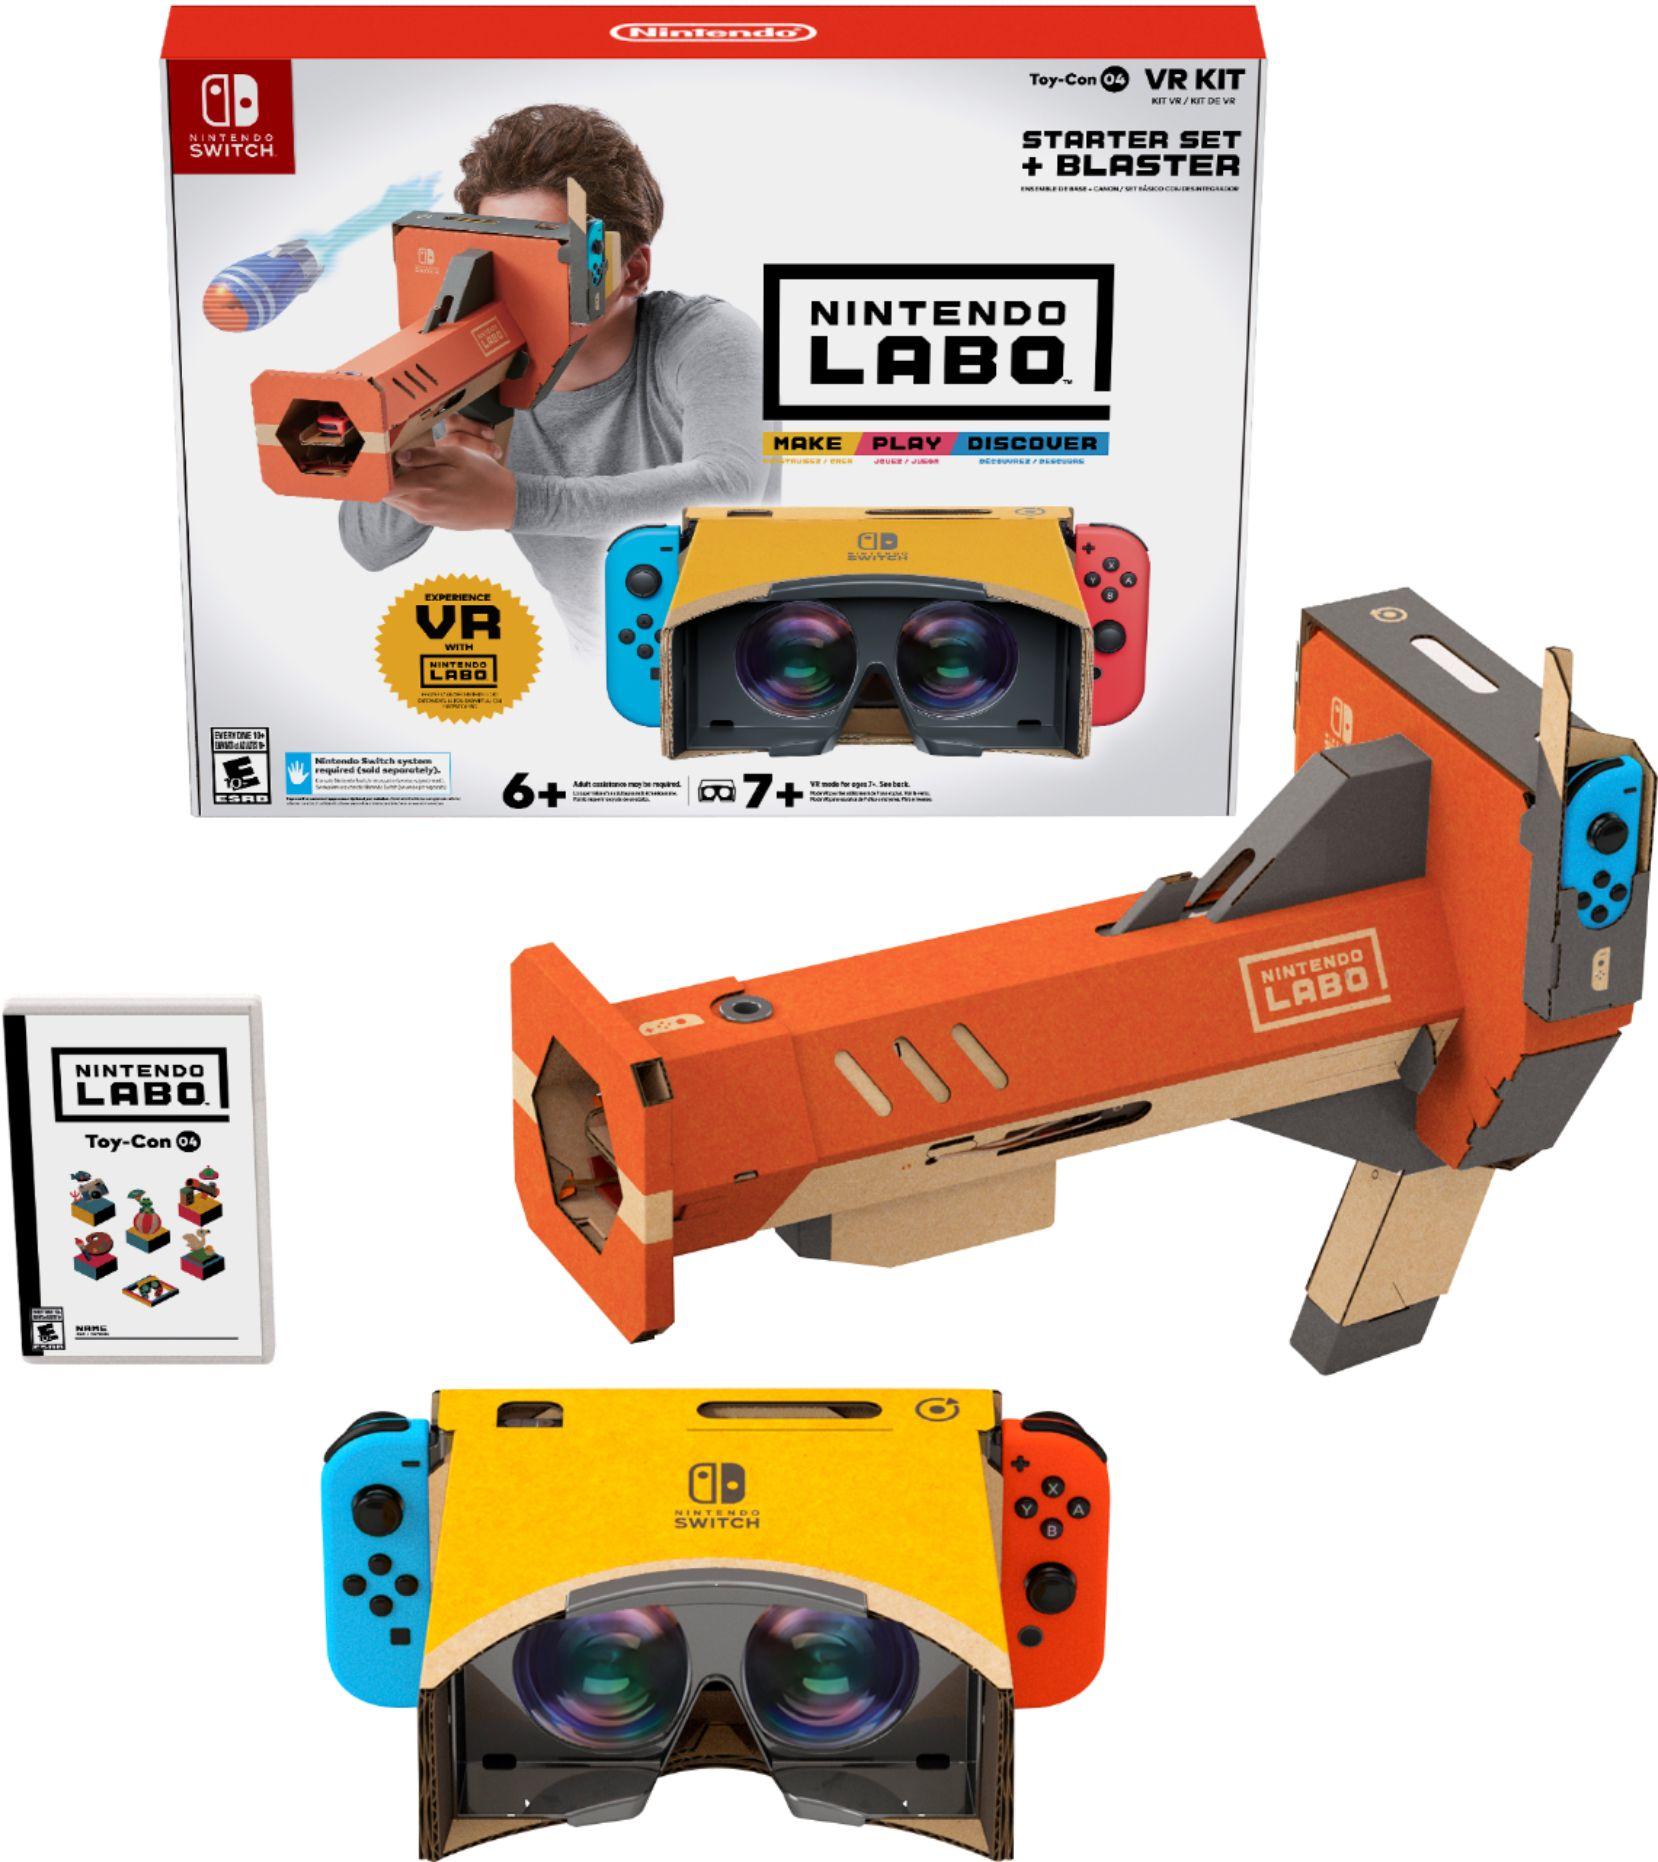 Nintendo Switch Labo Toy-Con VR Starter Set + Blaster Kit @BestBuy $20